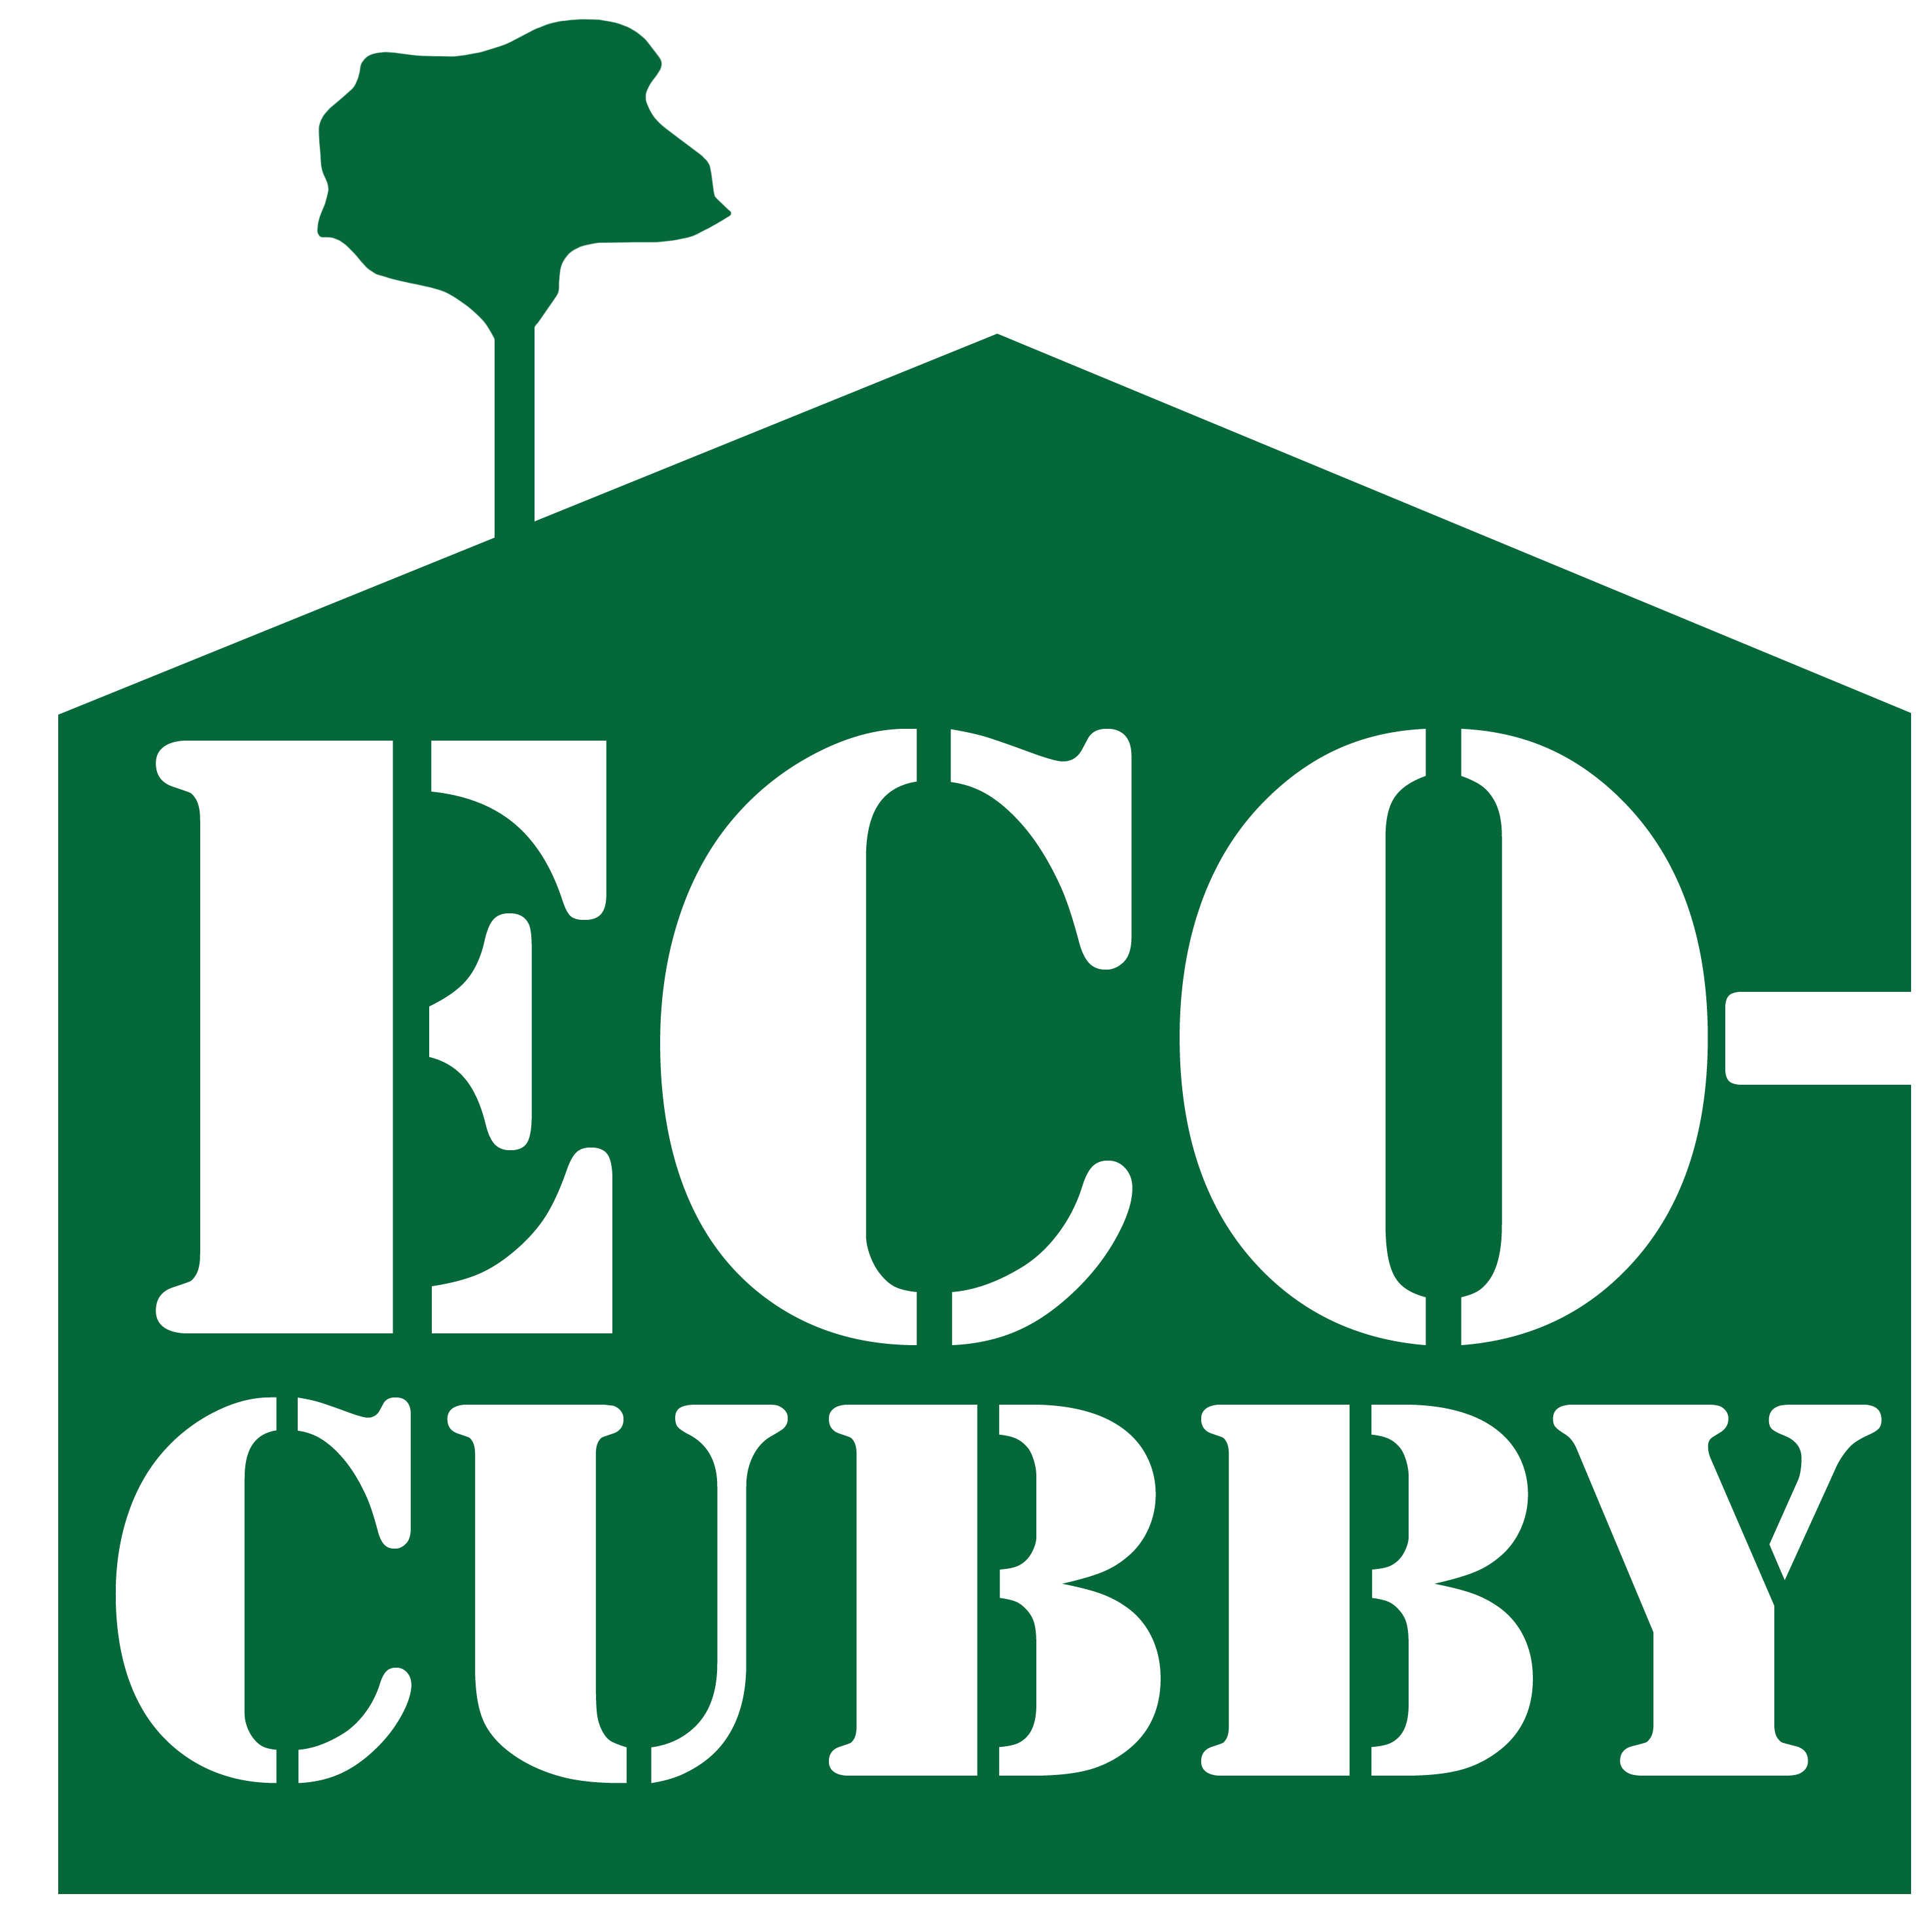 Eco-Cubby logo